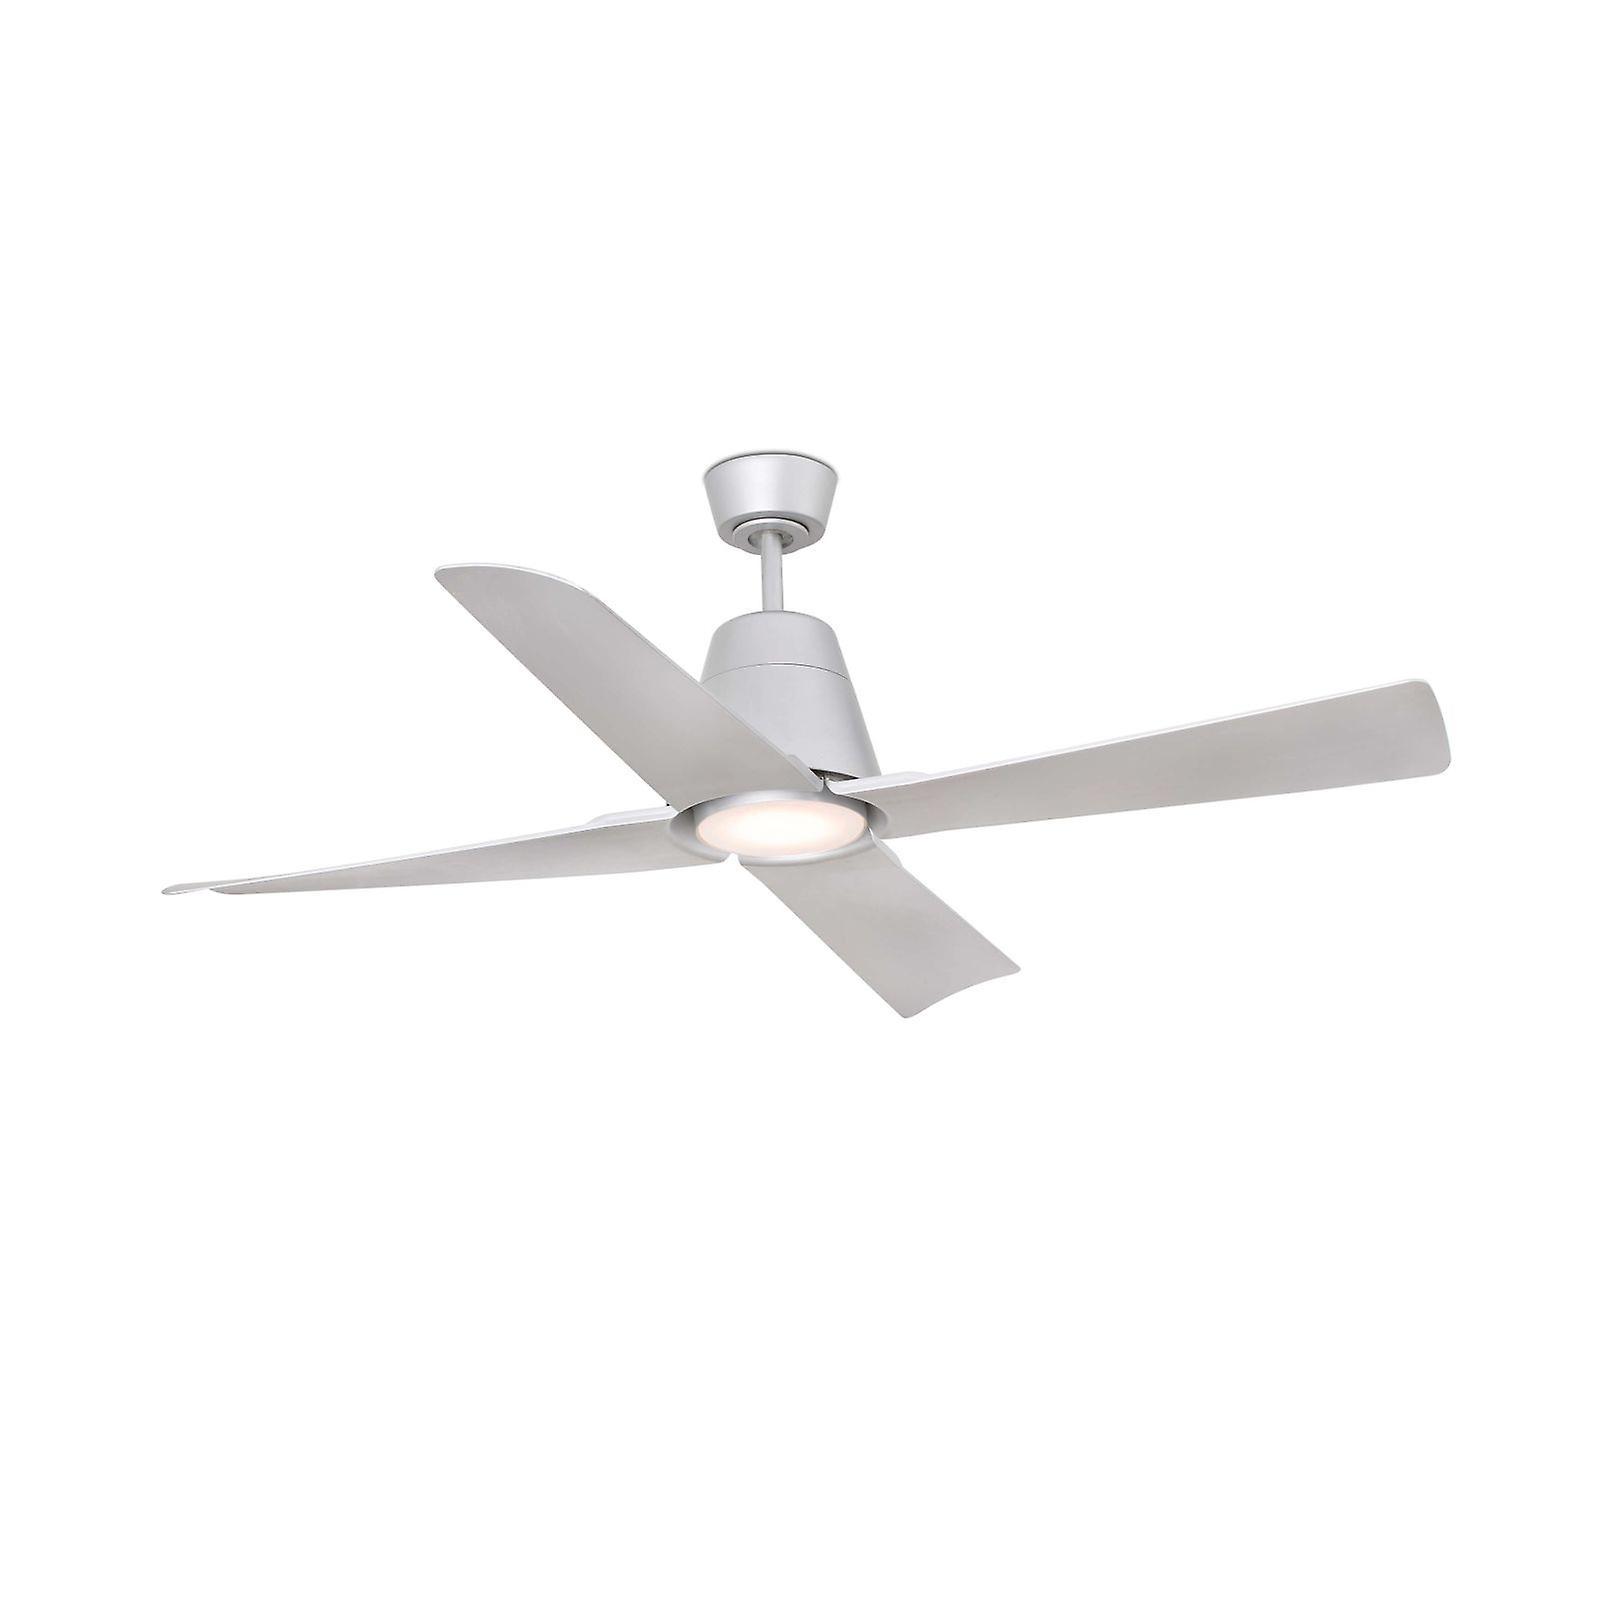 LED Outdoor Ceiling Fan Faro TYPHOON Grey